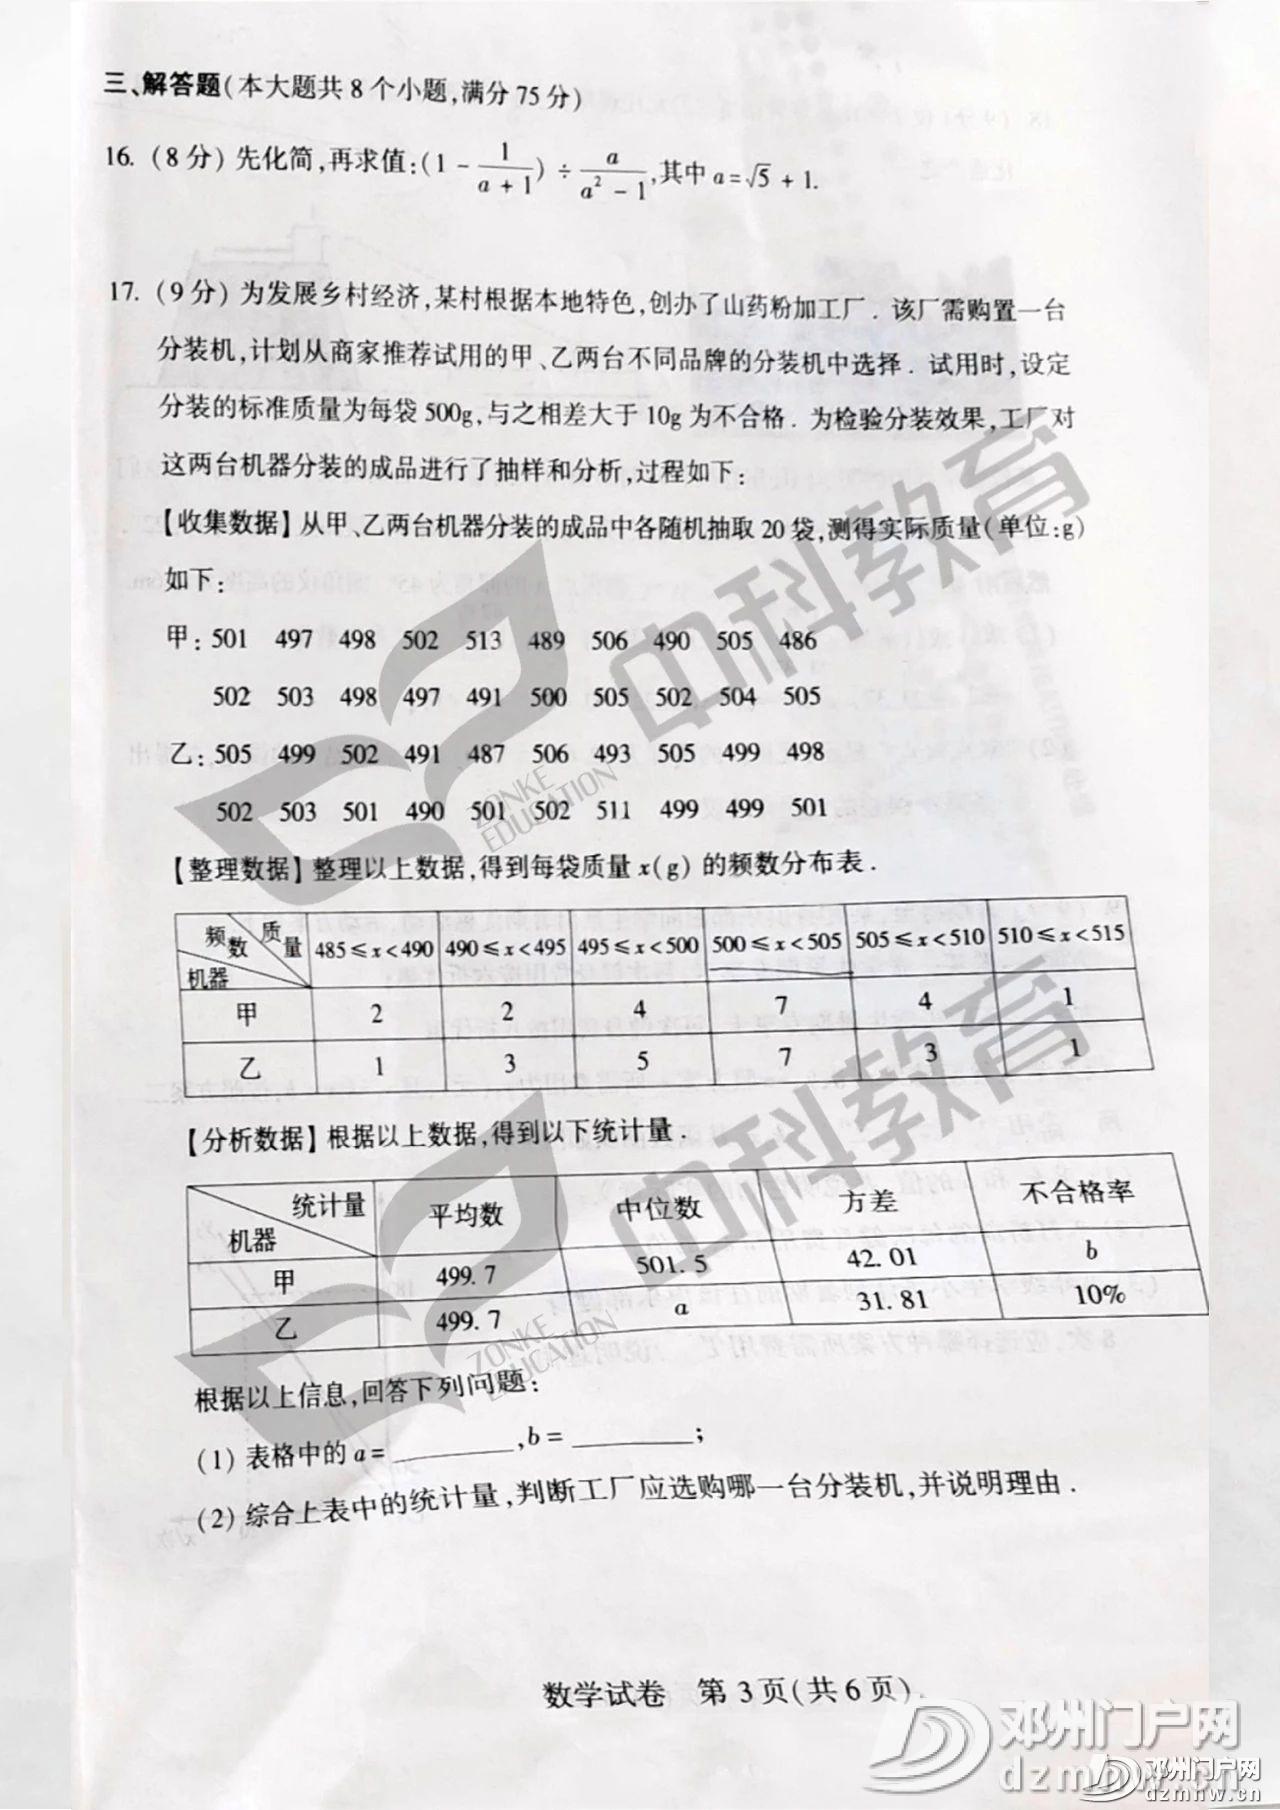 最新!邓州2020年中招各科试题及答案公布,请转发给身边的初三学生家长! - 邓州门户网|邓州网 - 40883b622af48f720c2764cc31284727.jpg